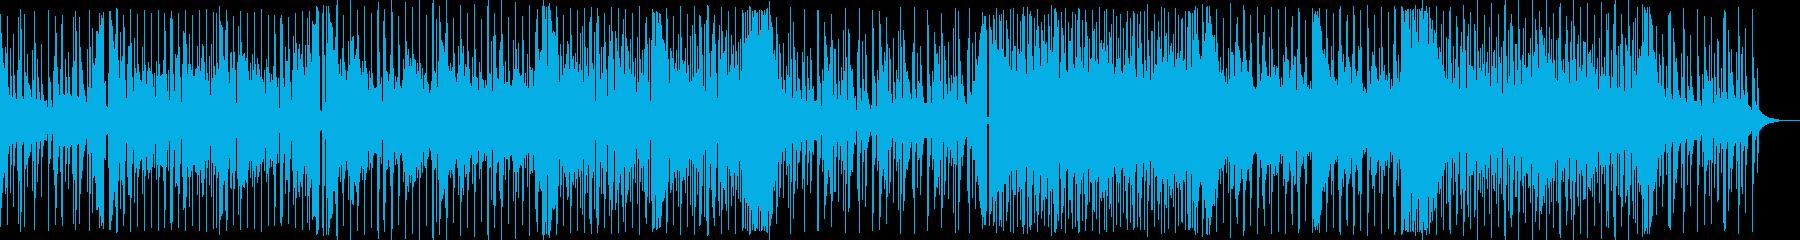 無機質で不安な気持ちを想起させる曲の再生済みの波形